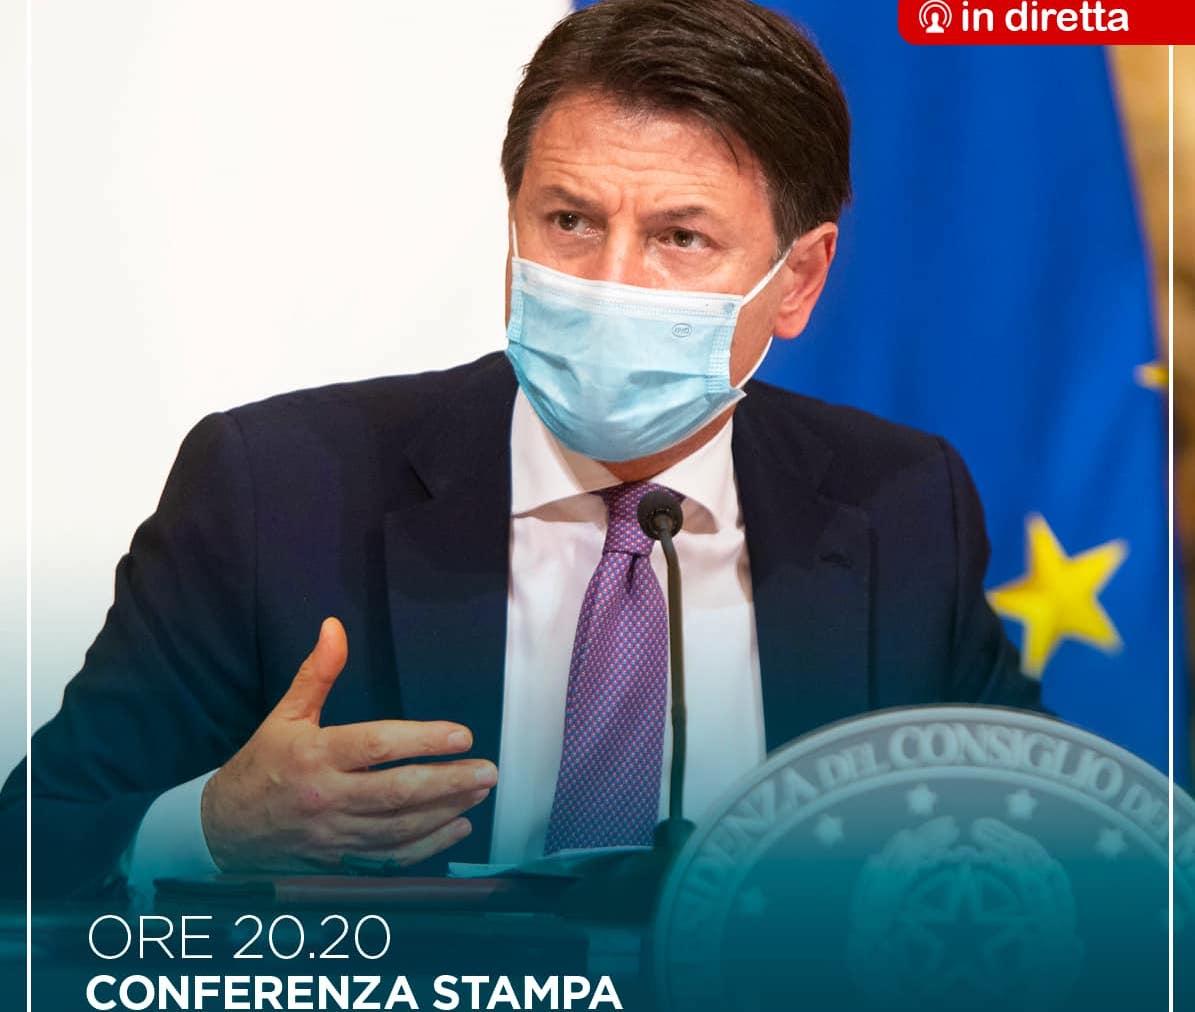 Nuovo Dpcm, DIRETTA di Conte stasera alle 20,20: nuove regole in vigore da venerdì 6 novembre